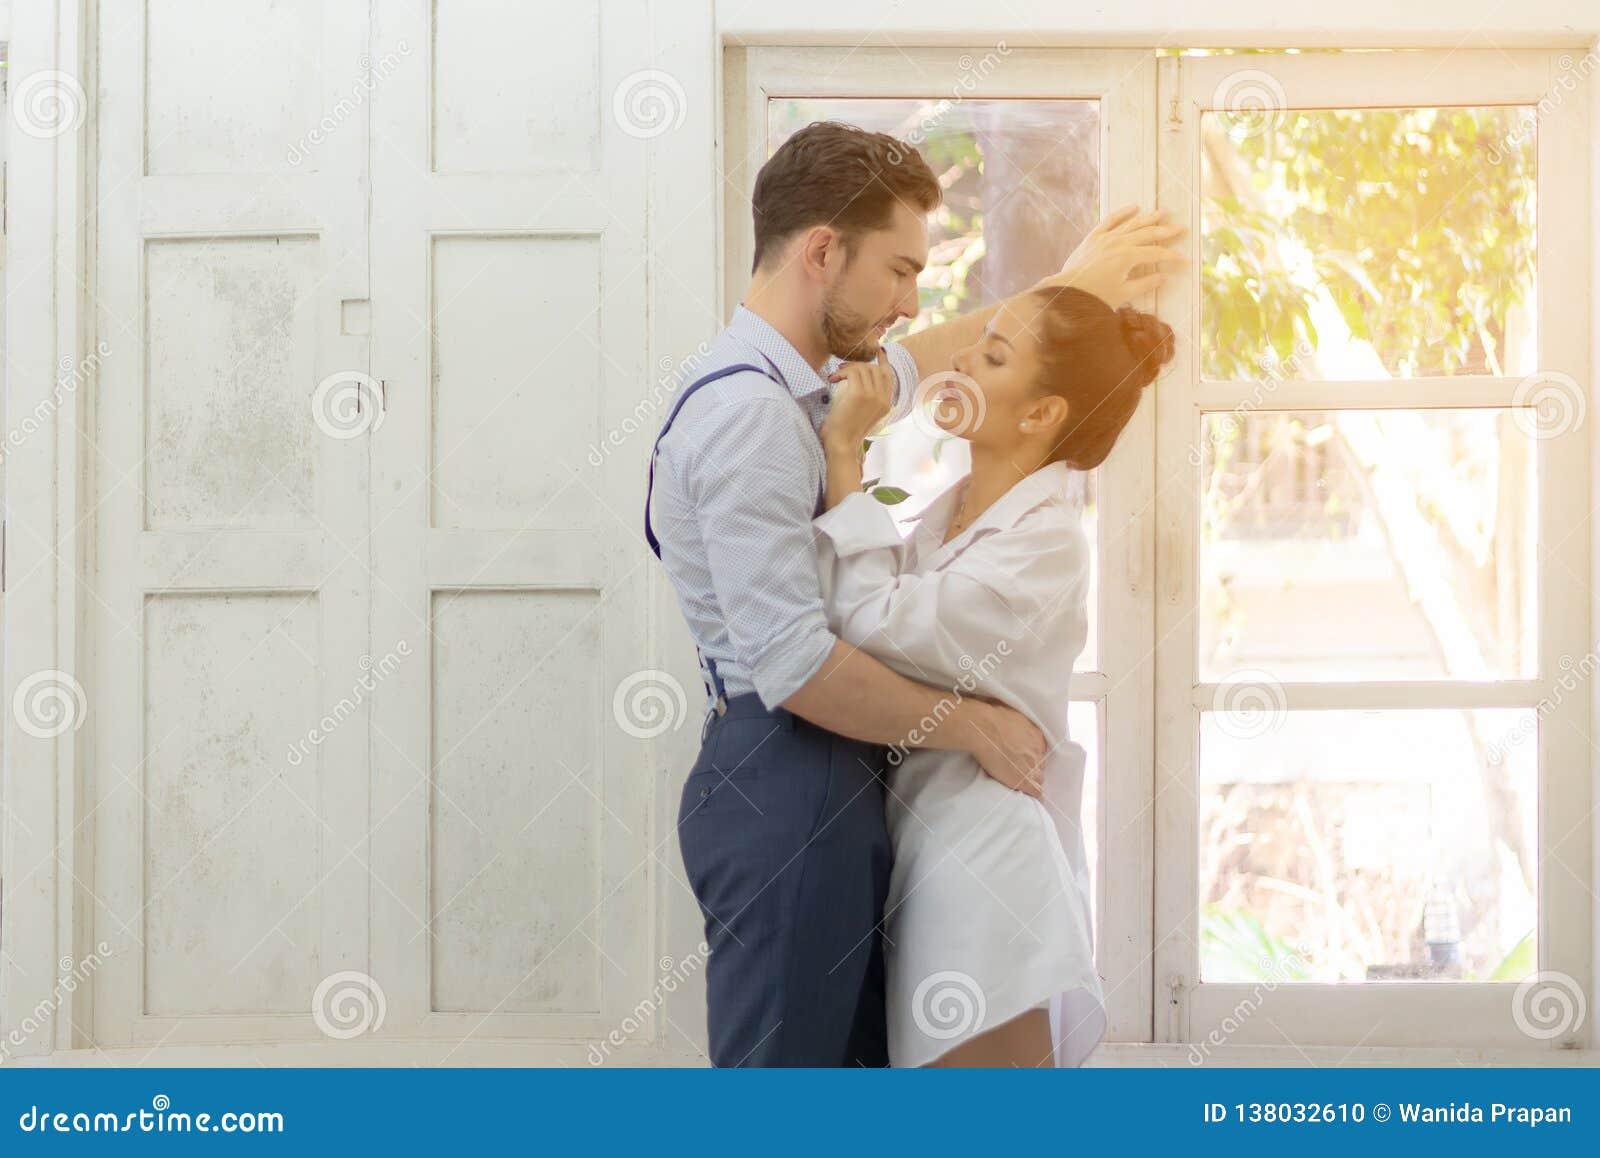 Vind liefde Aziatische Dating het schrijven van een persoonlijke dating profiel